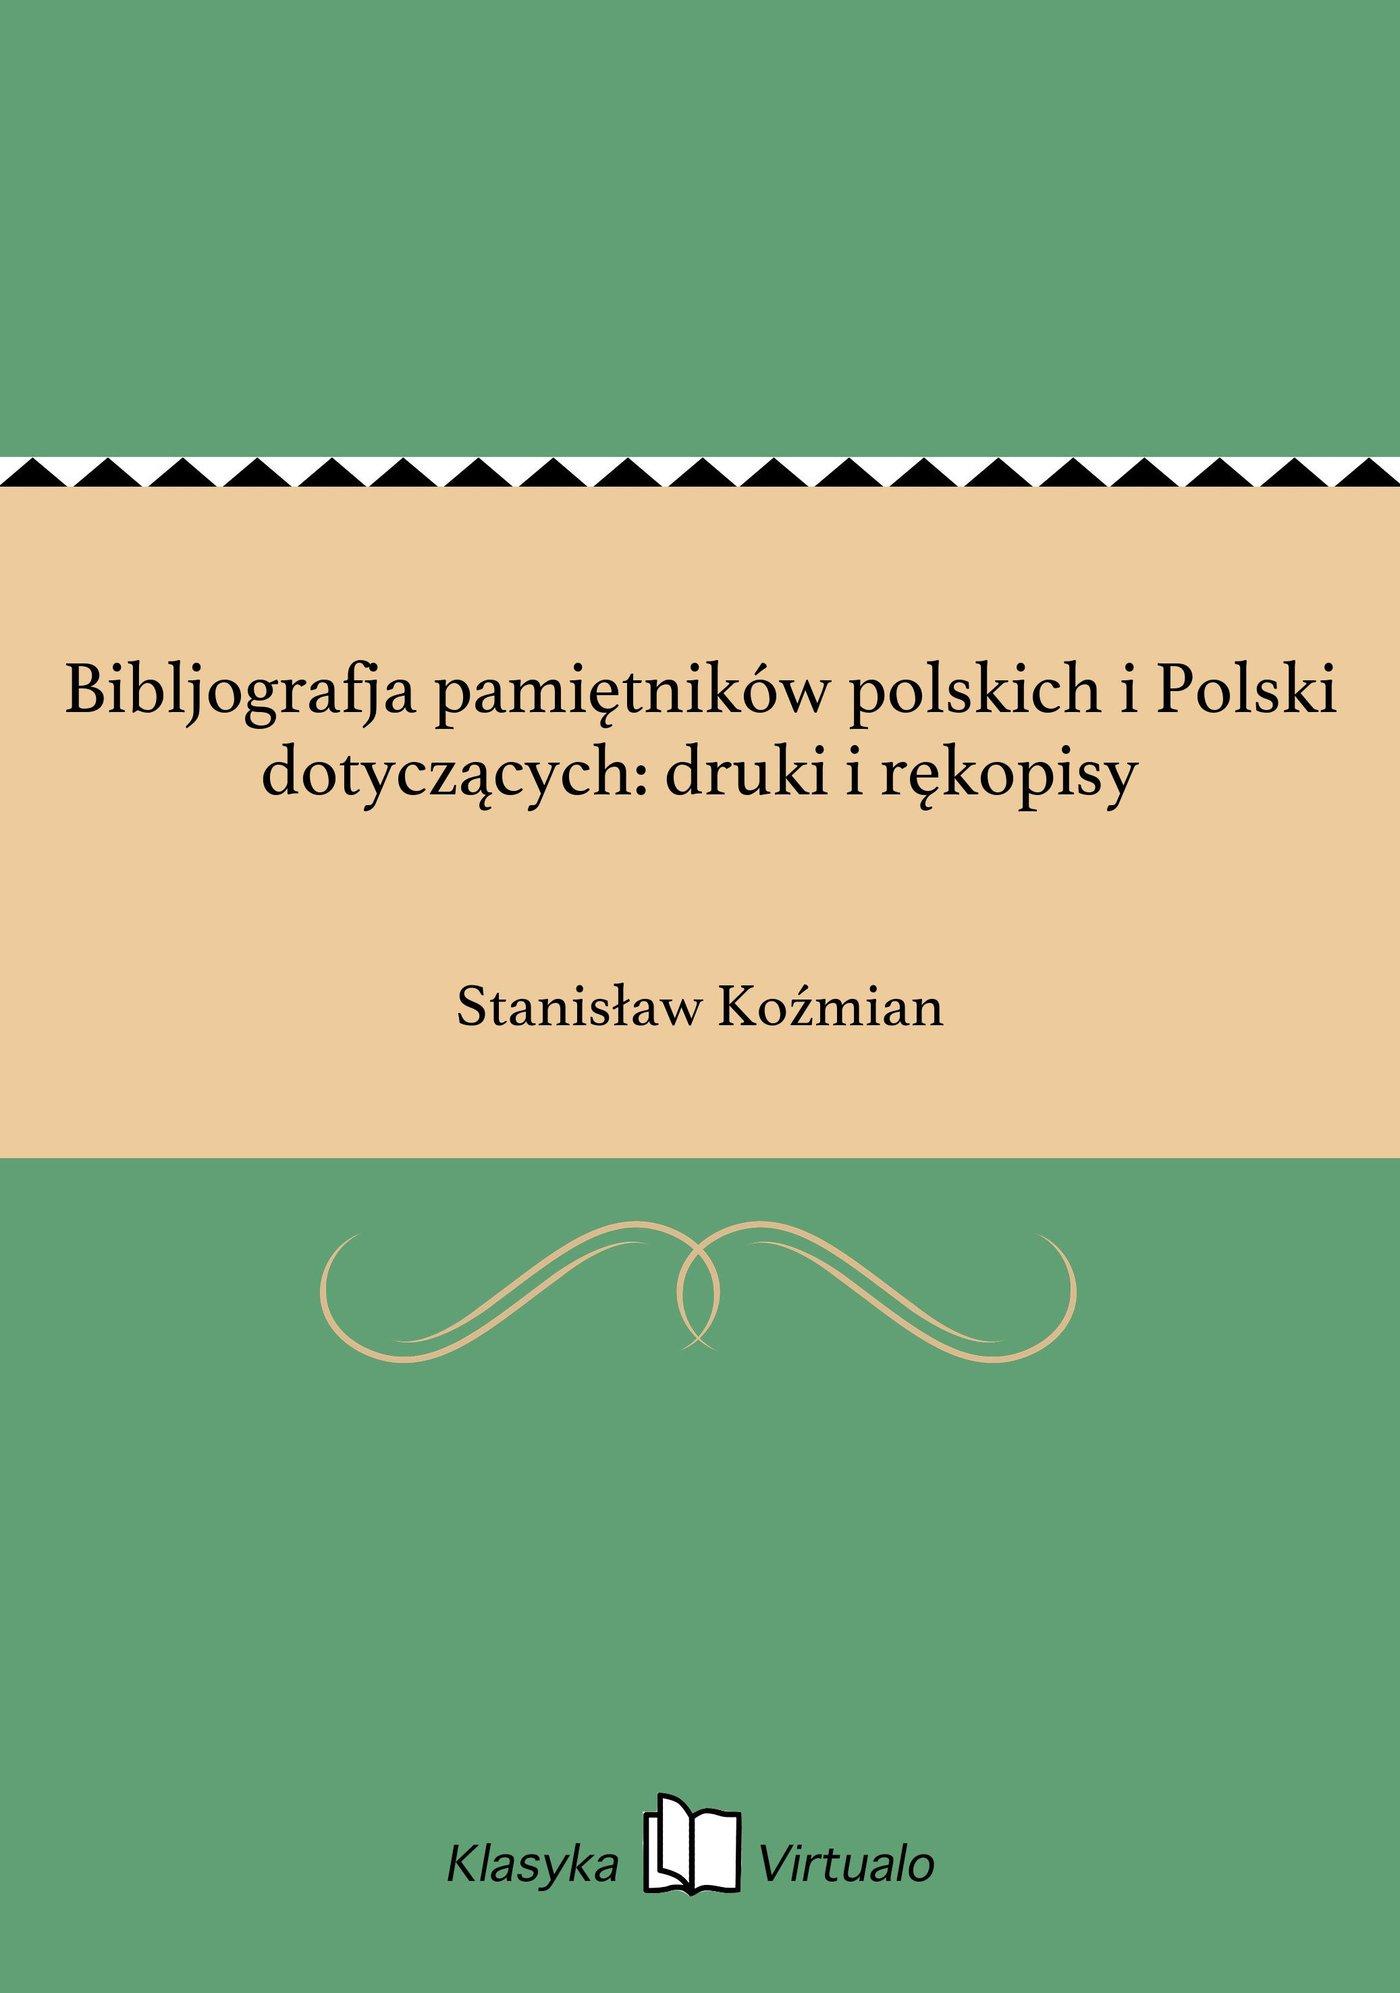 Bibljografja pamiętników polskich i Polski dotyczących: druki i rękopisy - Ebook (Książka EPUB) do pobrania w formacie EPUB